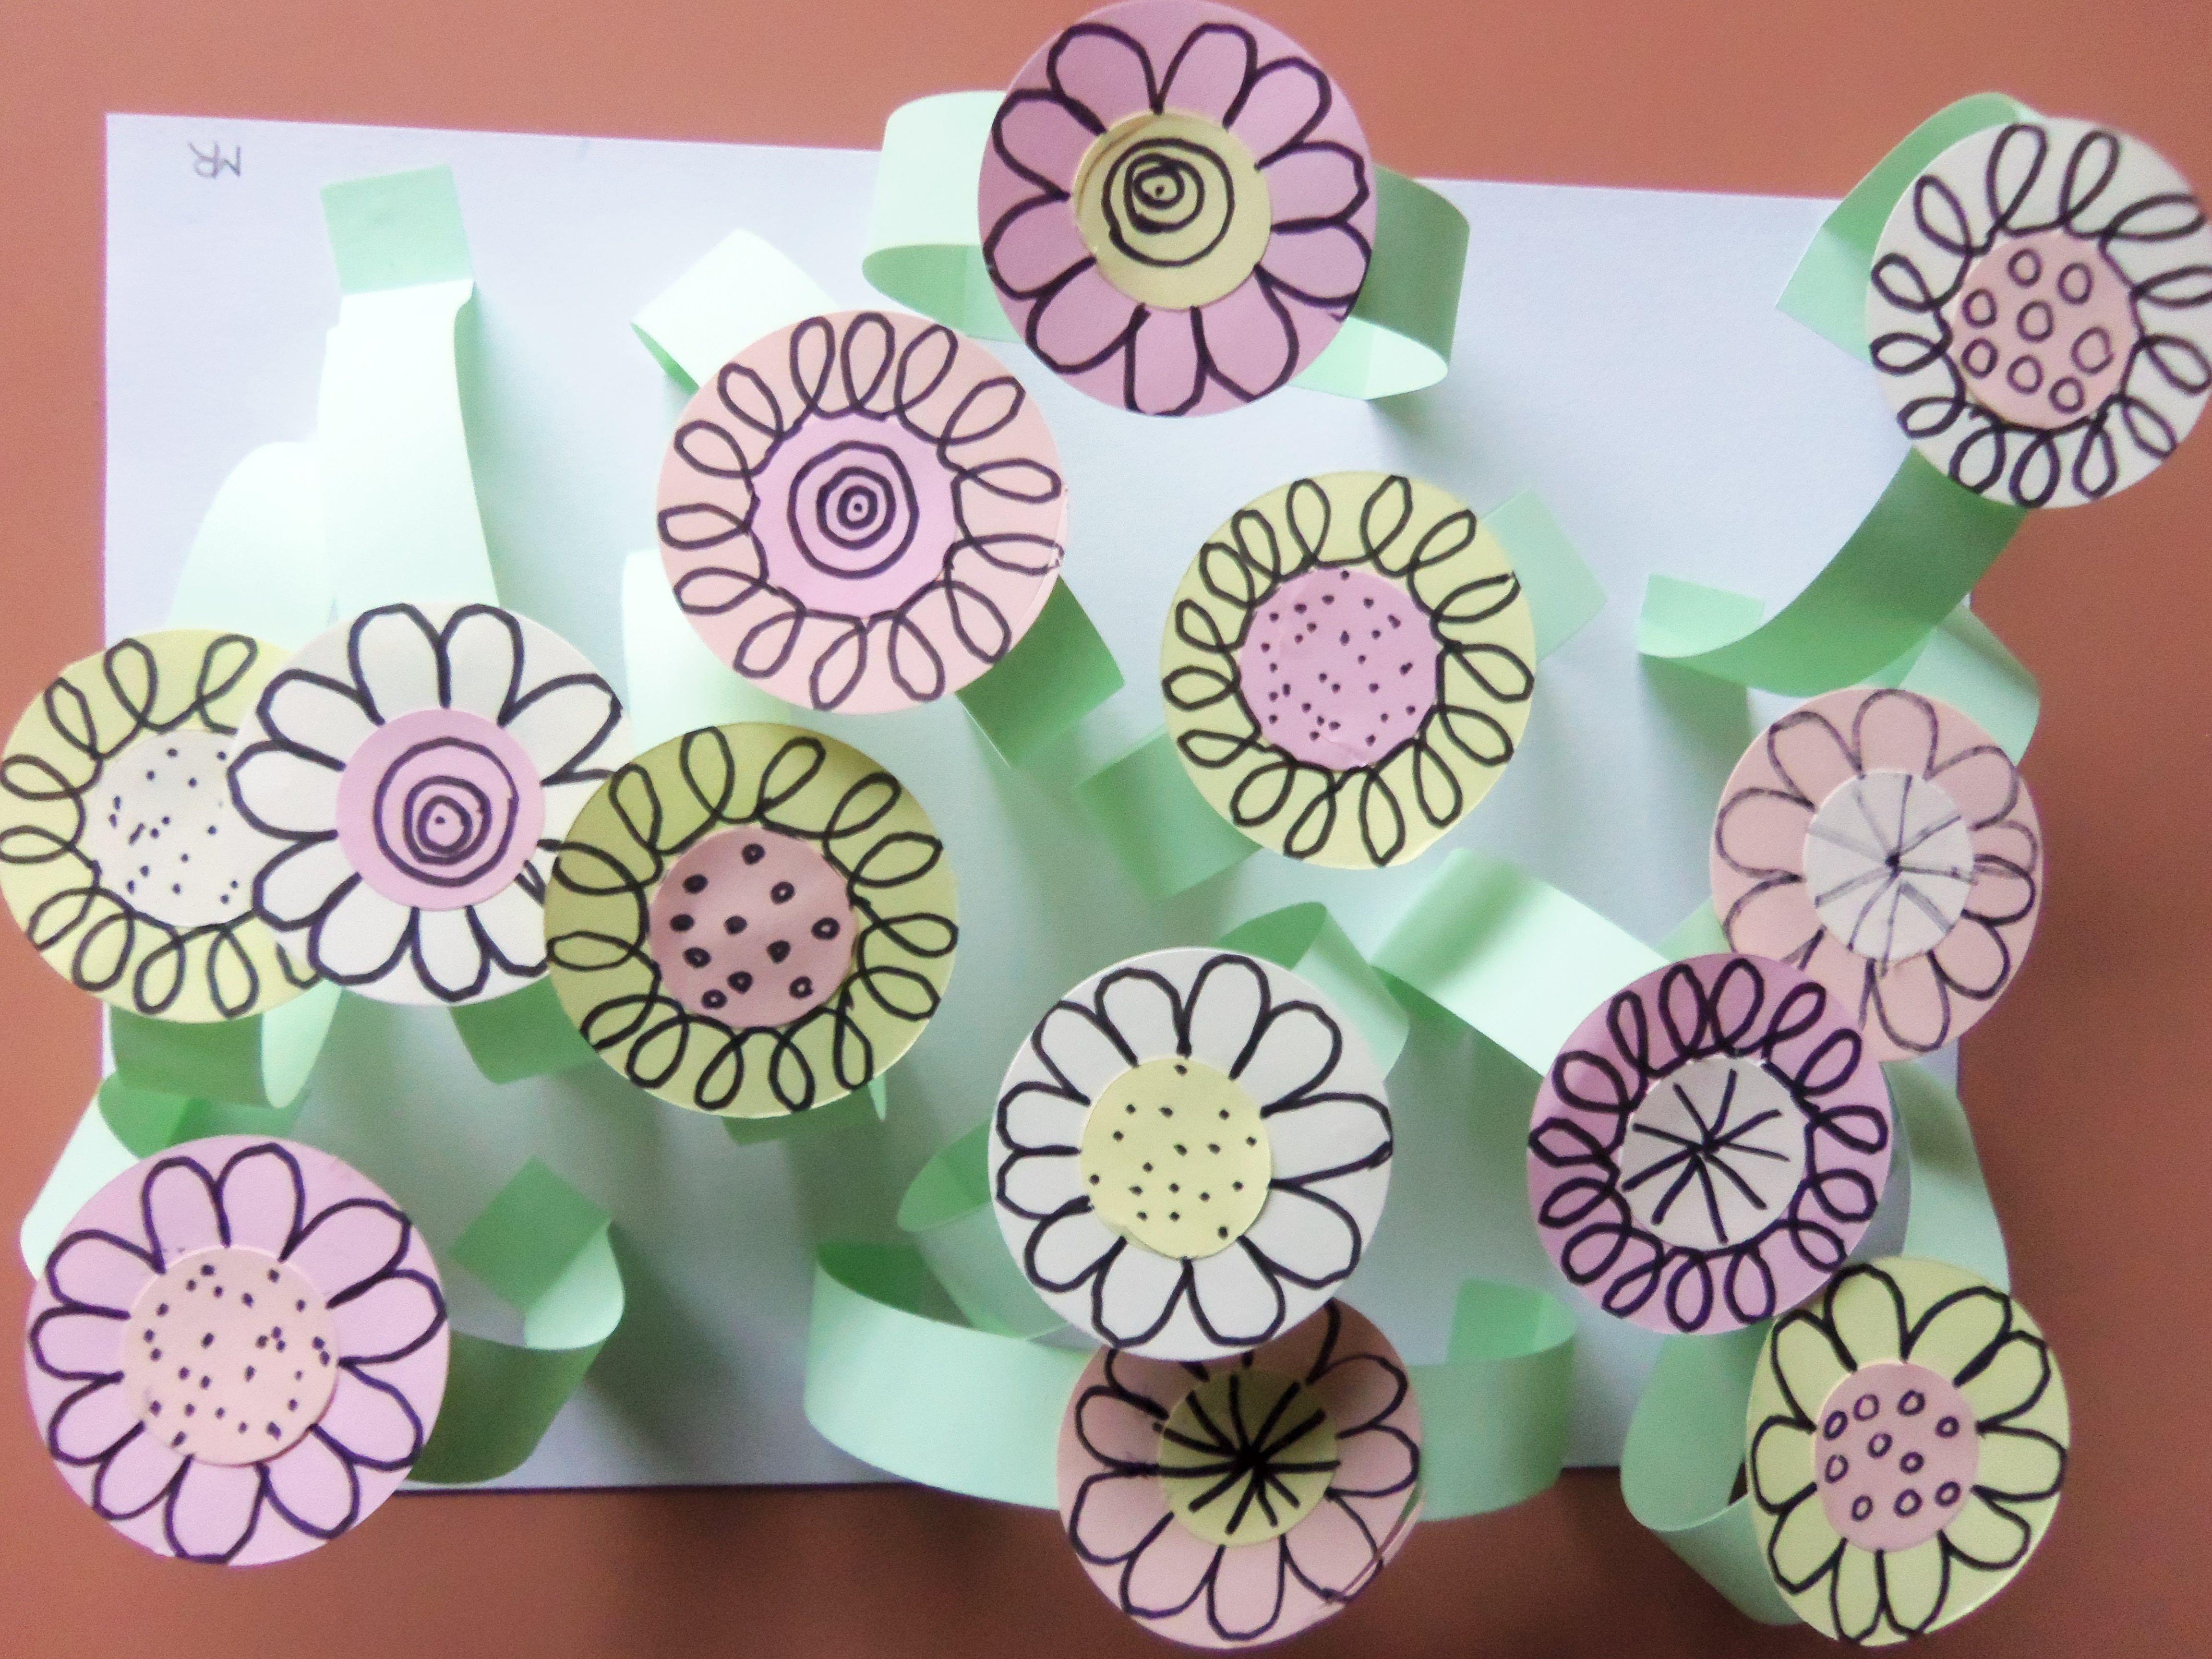 Fleurs du printemps d coupages sizzix collages retz - Le printemps gs ...